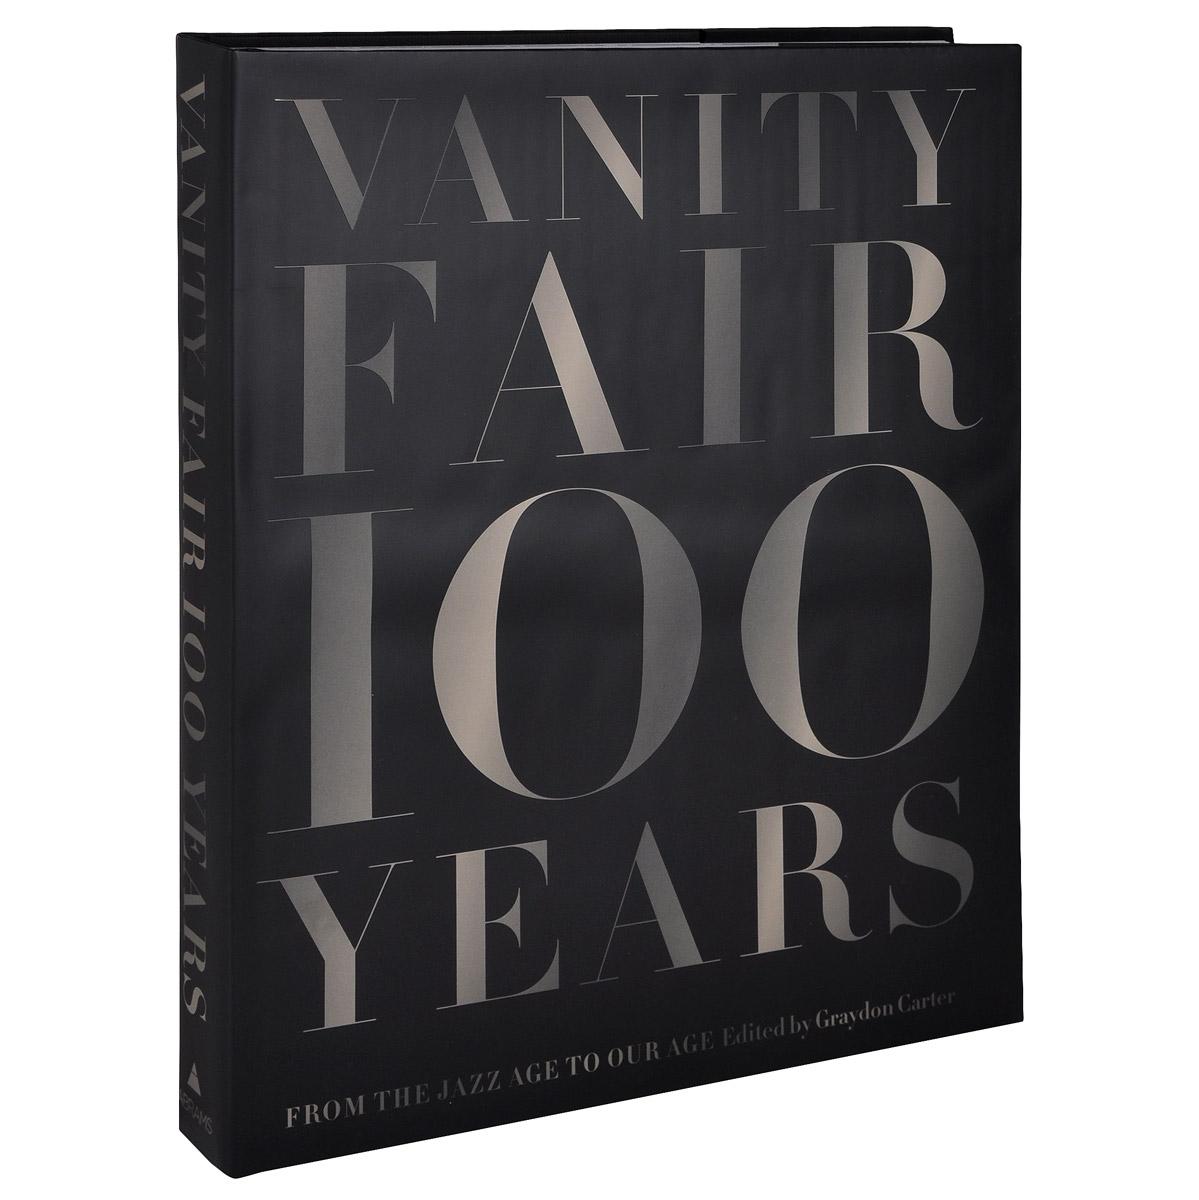 Vanity Fair 100 Years декор lord vanity quinta mirabilia grigio 20x56